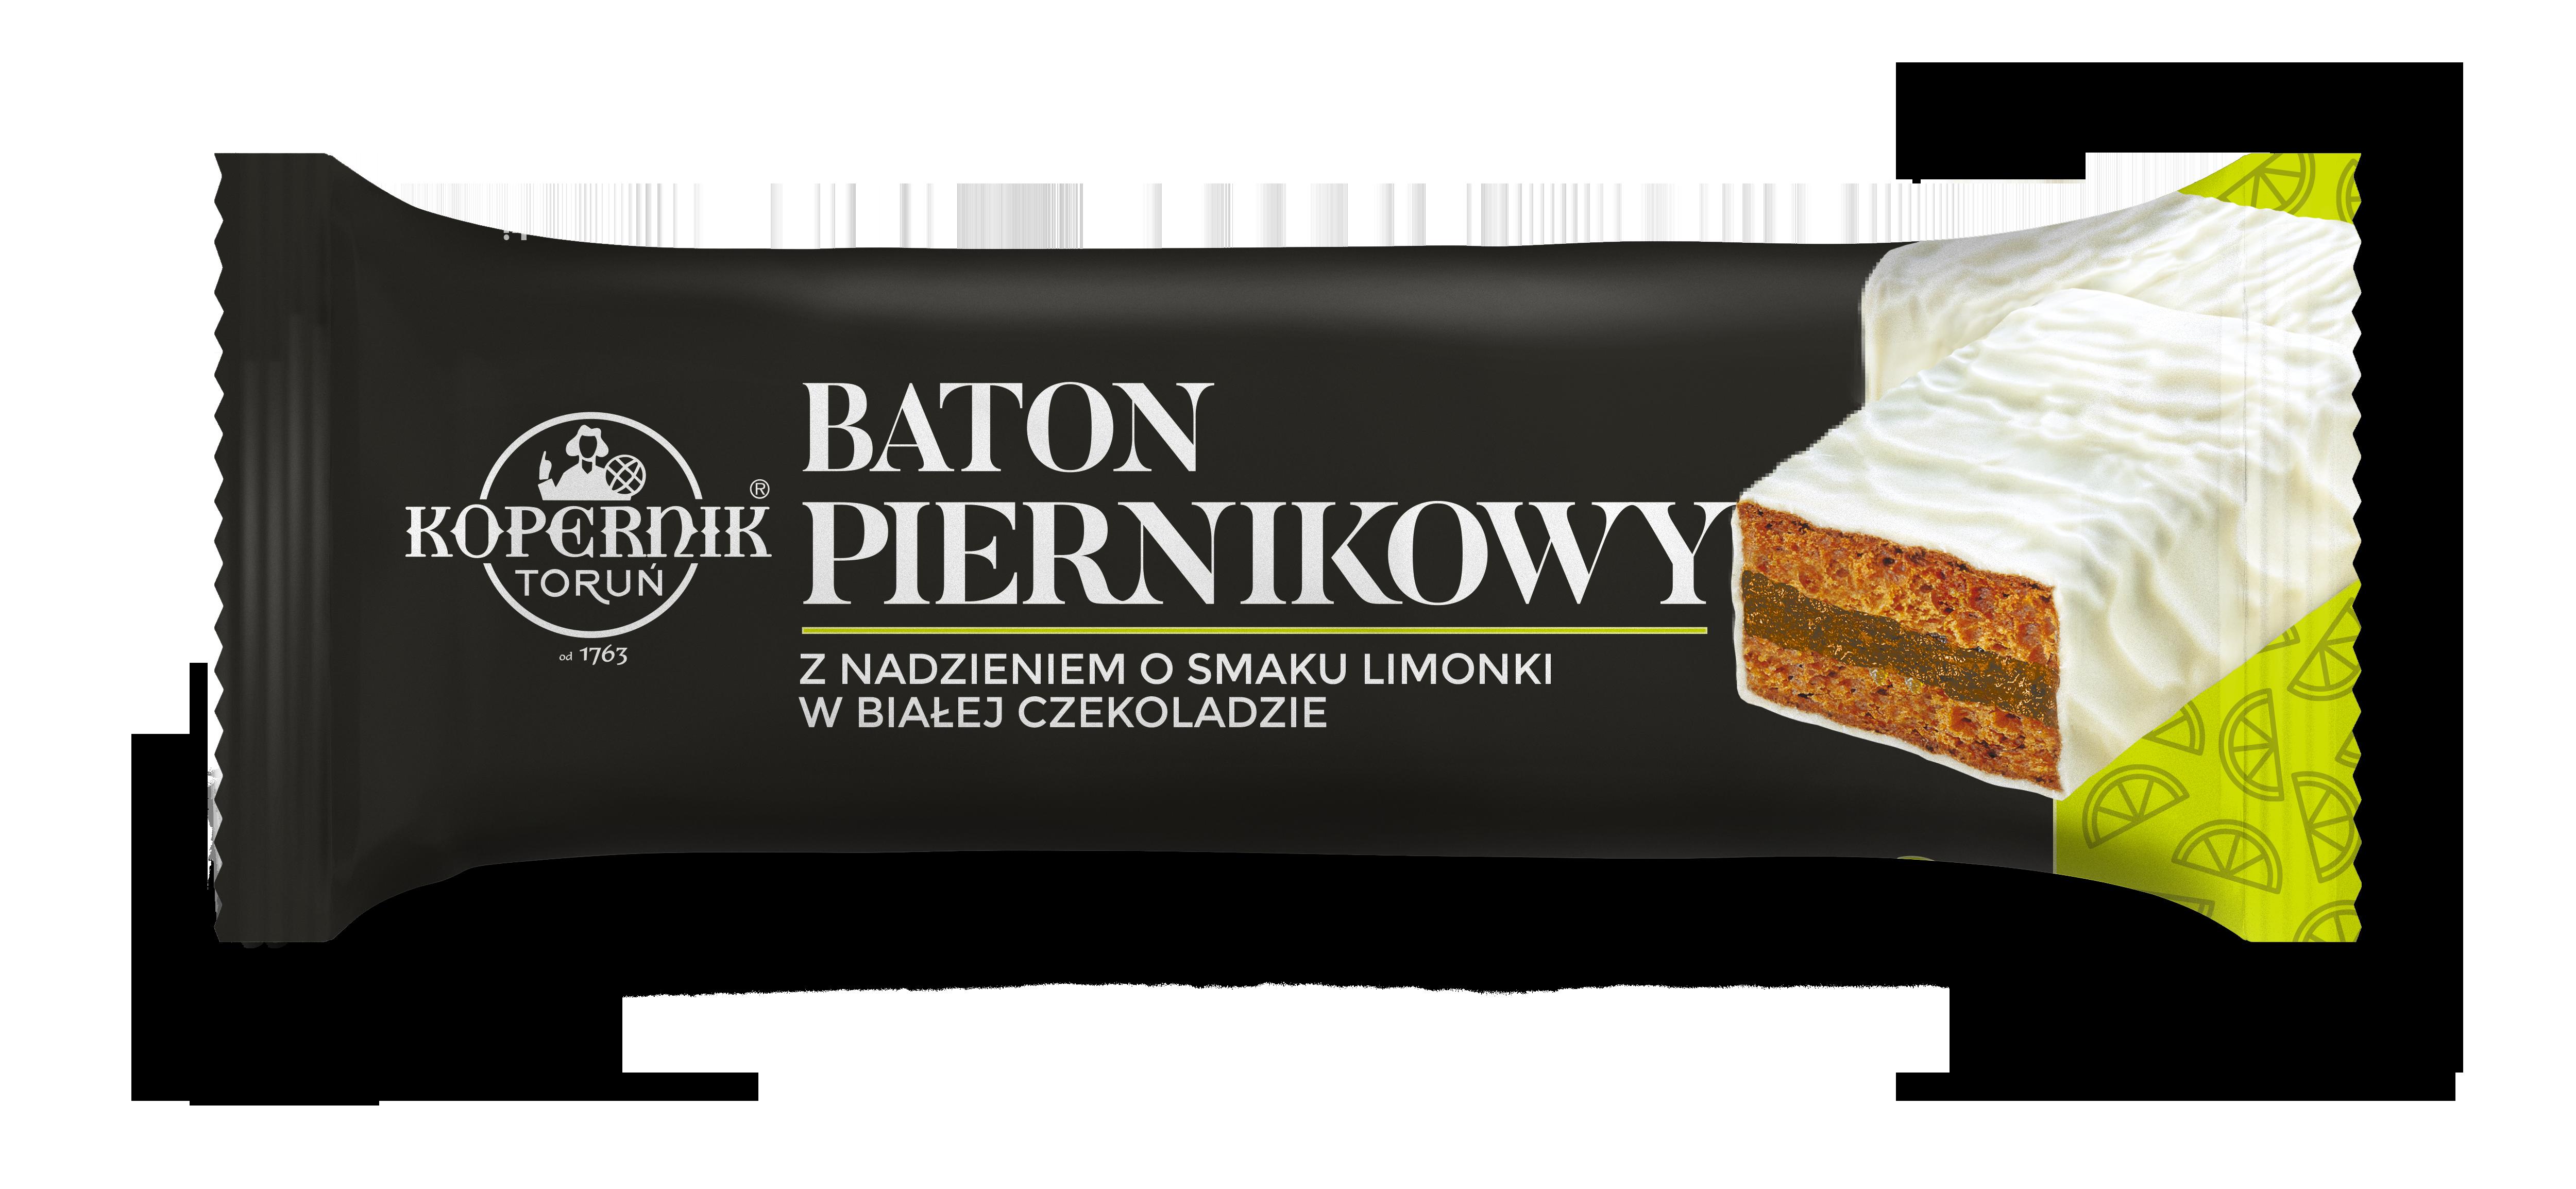 Baton Piernikowy od Fabryki Cukierniczej Kopernik